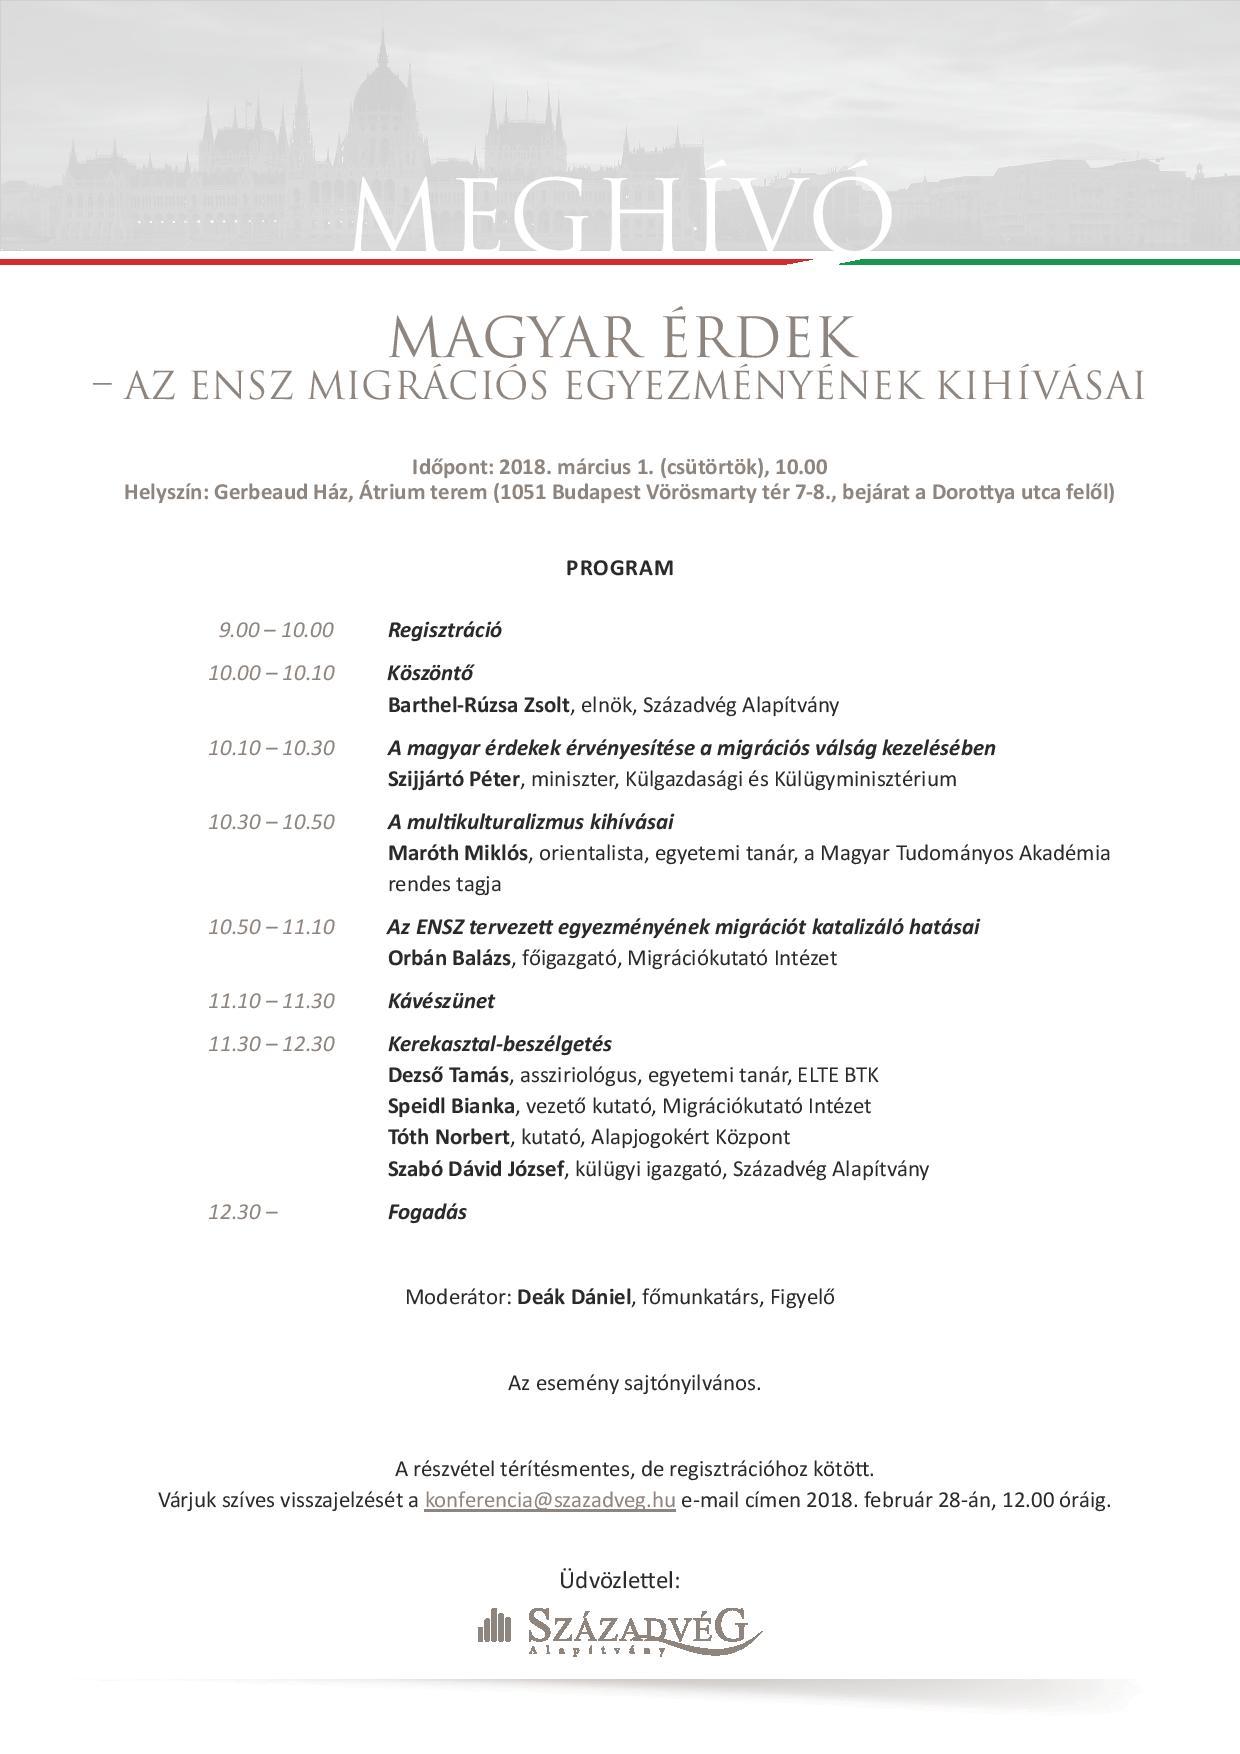 Magyar Érdek